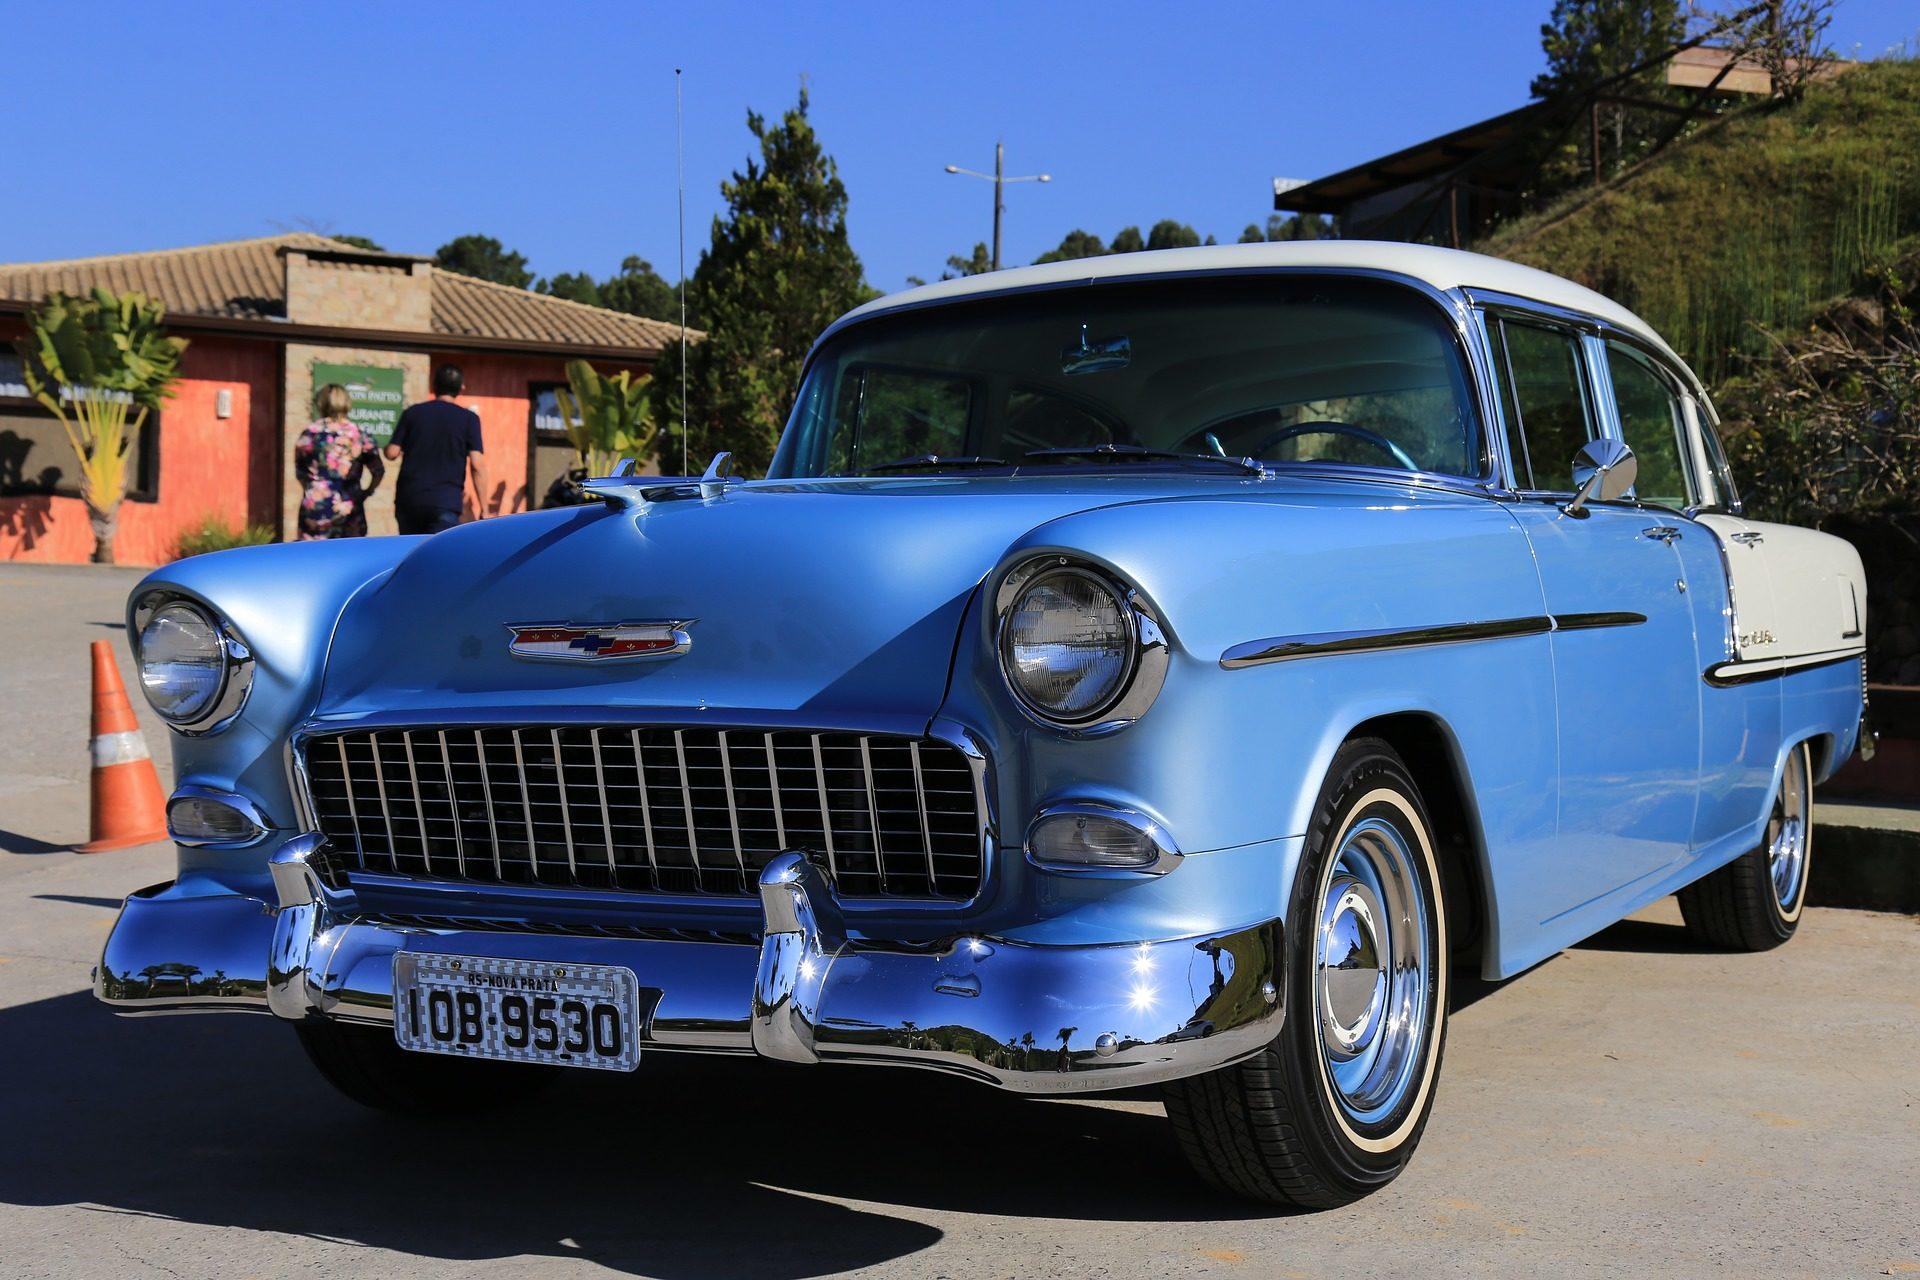 voiture, antiguo, vieux, Vintage, Bleu, Classique - Fonds d'écran HD - Professor-falken.com